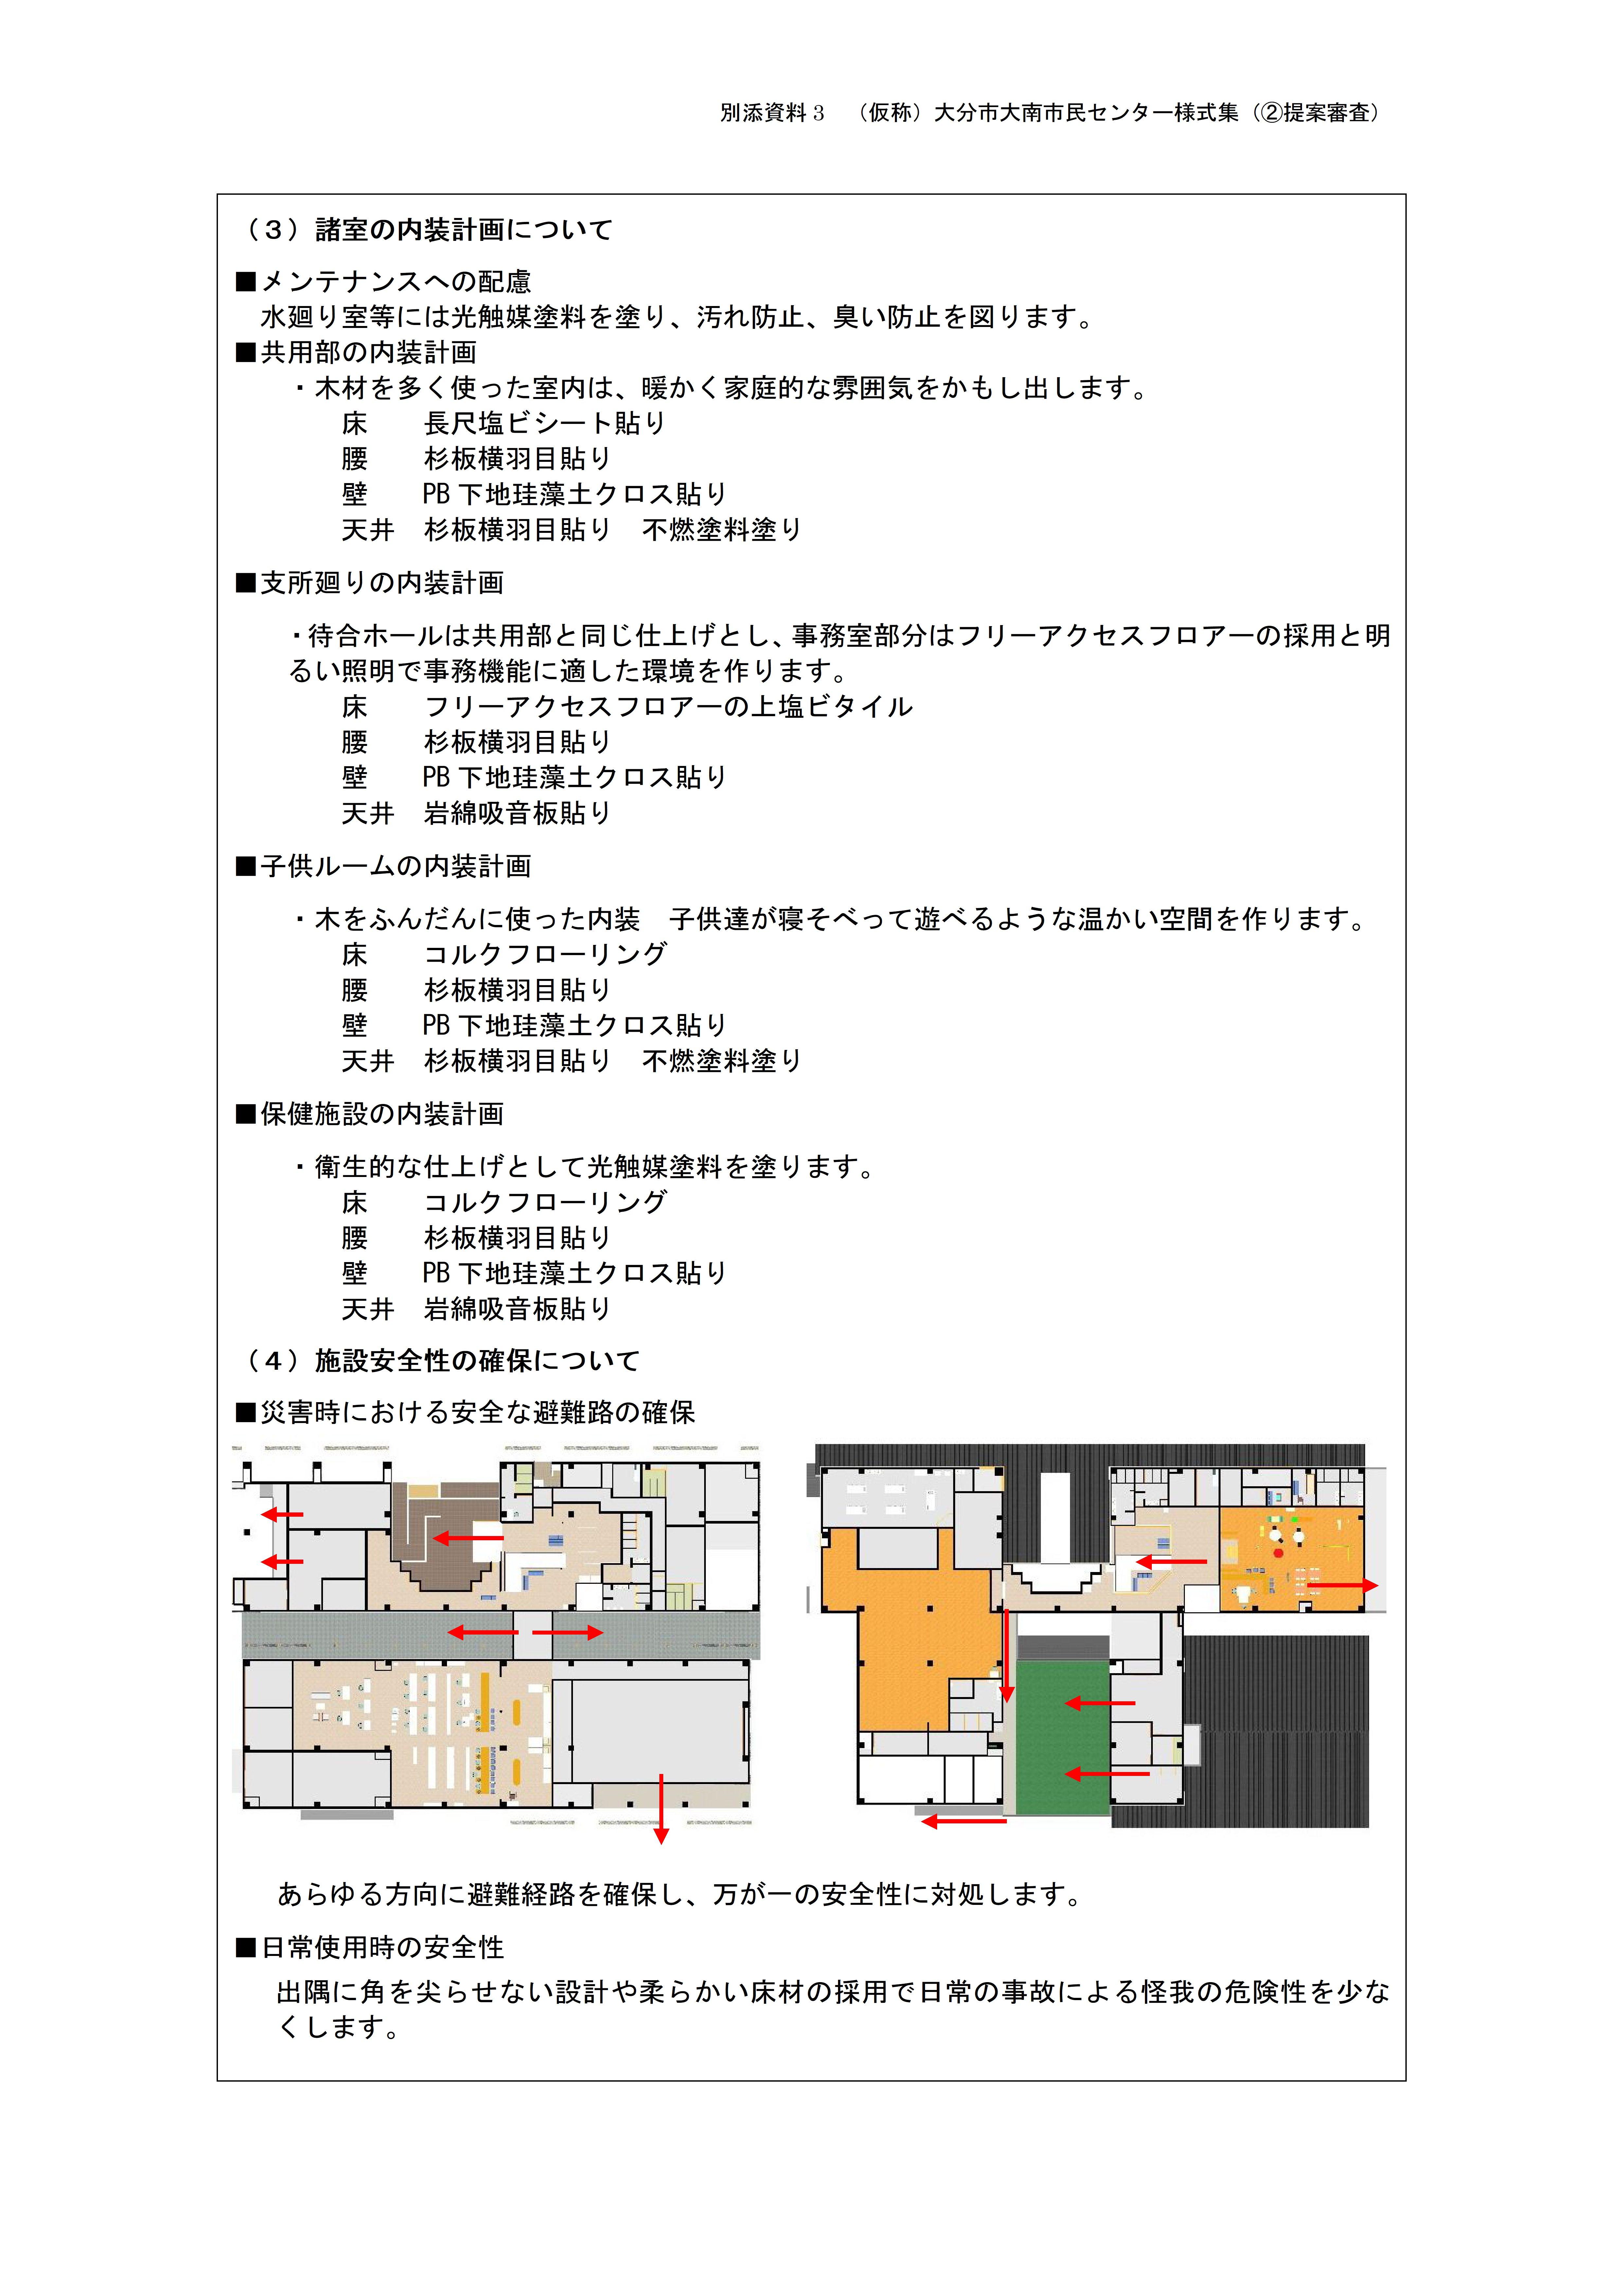 19 設計提出書類(最終)-10